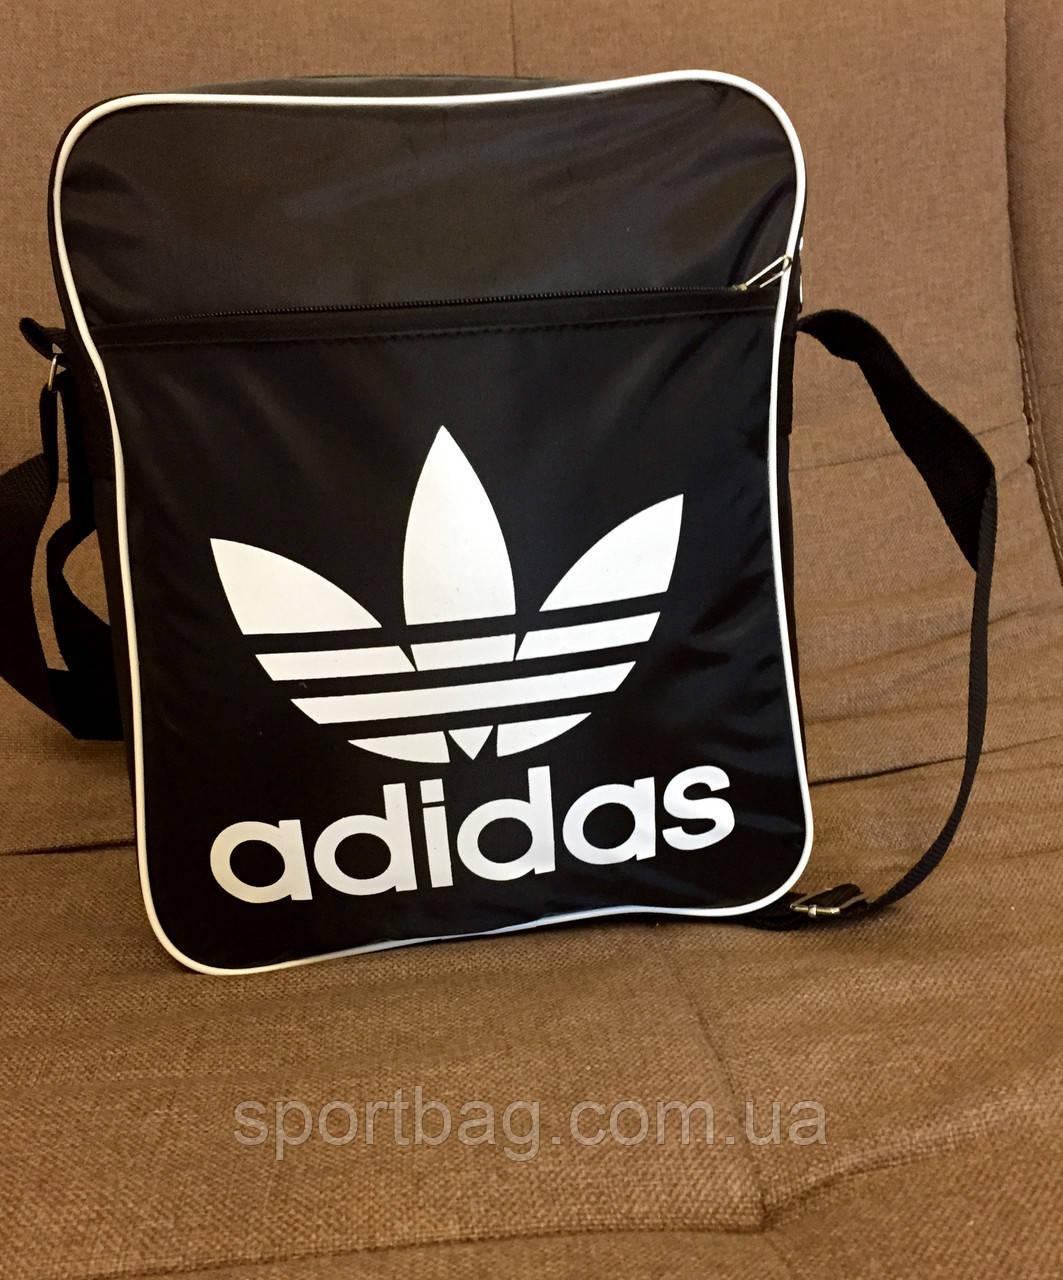 49fda9b1298d Планшет Adidas вертикальный, хит продаж!!! Прилуки: продажа, цена в ...